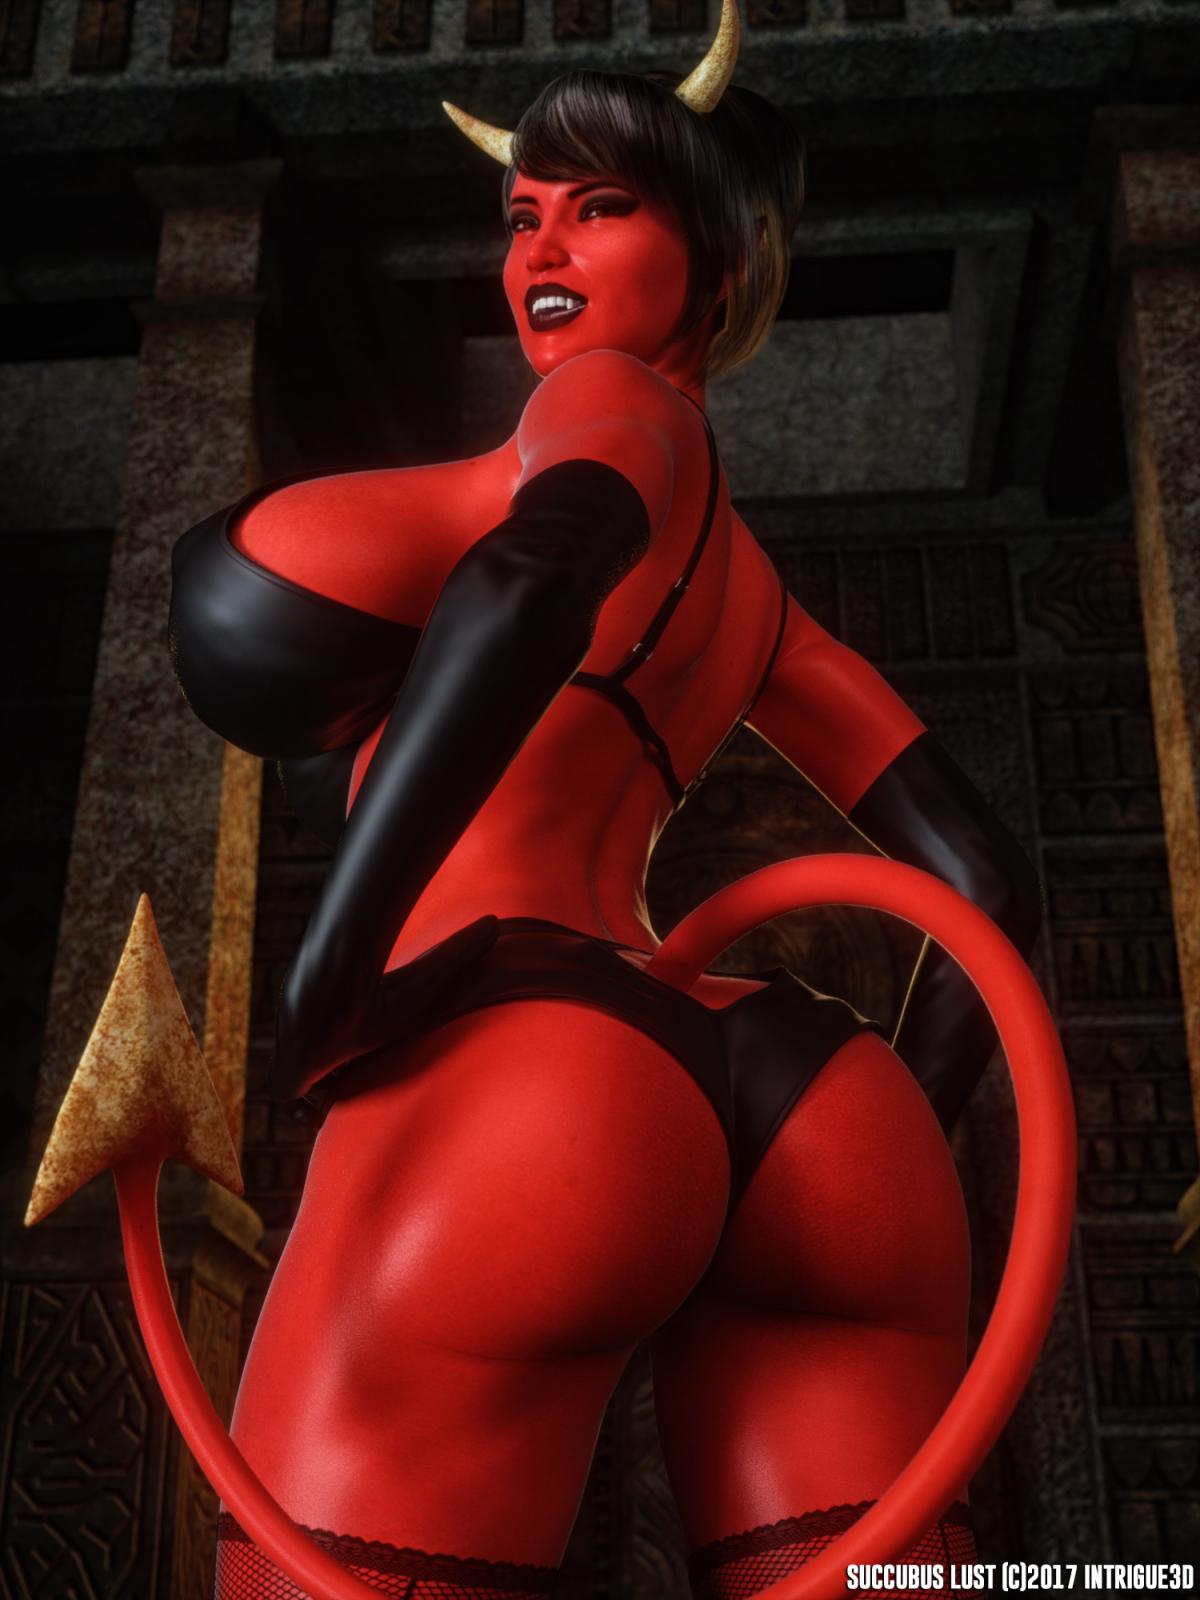 Hình ảnh 39772917405_d2f5ba5d11_o trong bài viết Succubus Lust